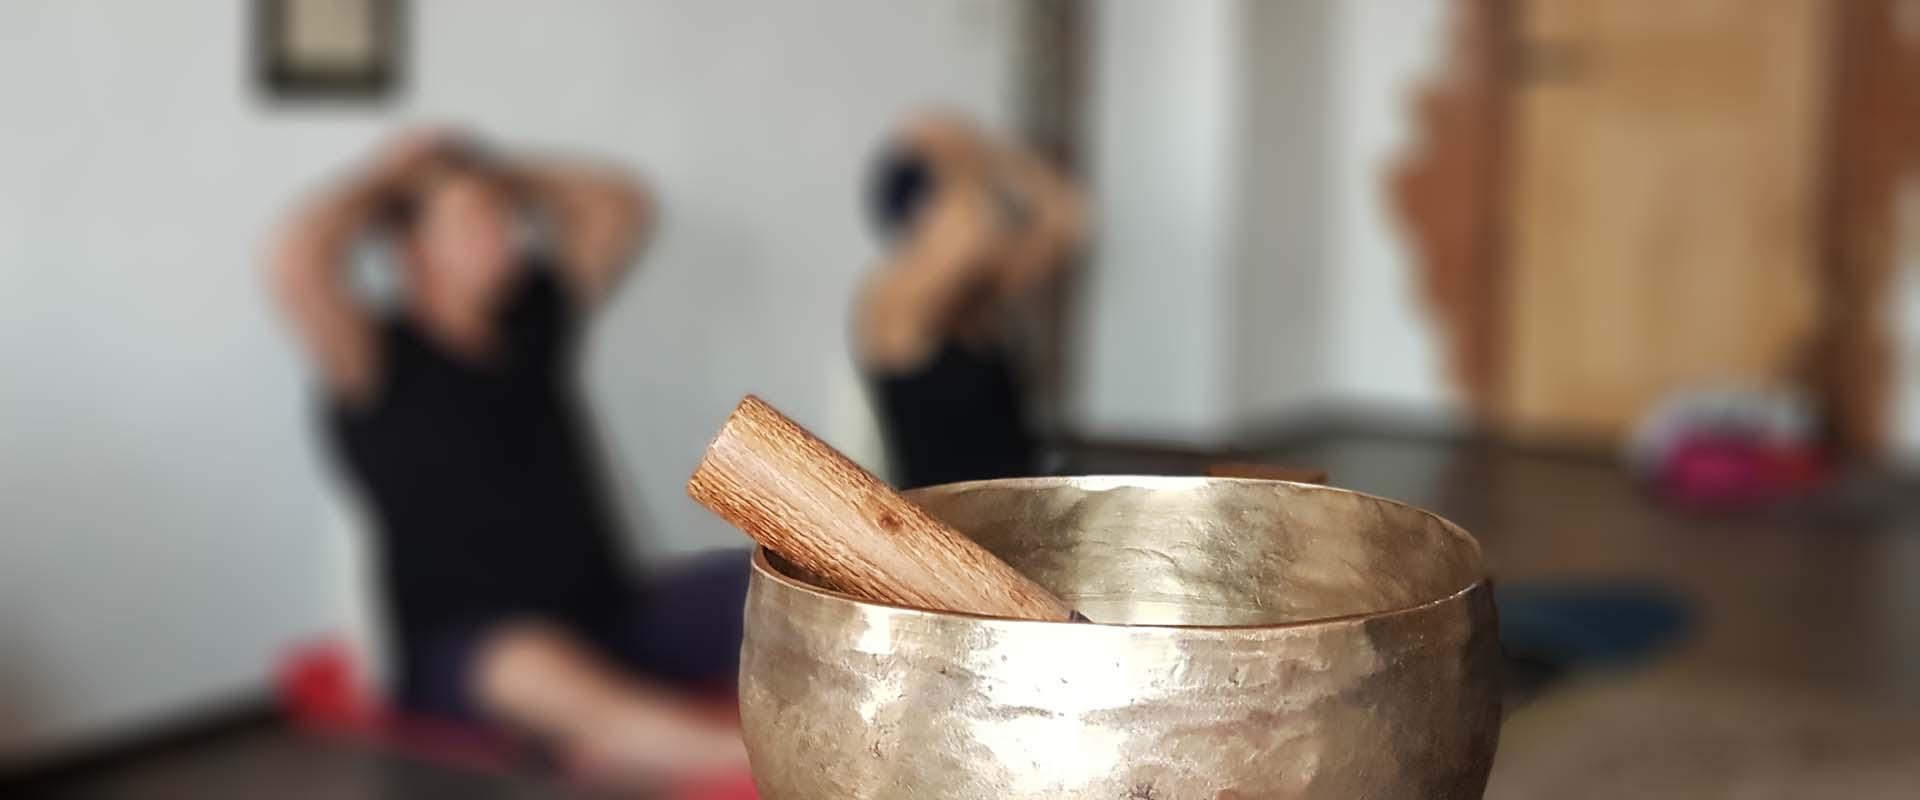 meditazione attiva mani di cuore pulizia settimo chacra Conduce Vipal Antonio Gualdi Centro Meditazione Zorba Il Buddha